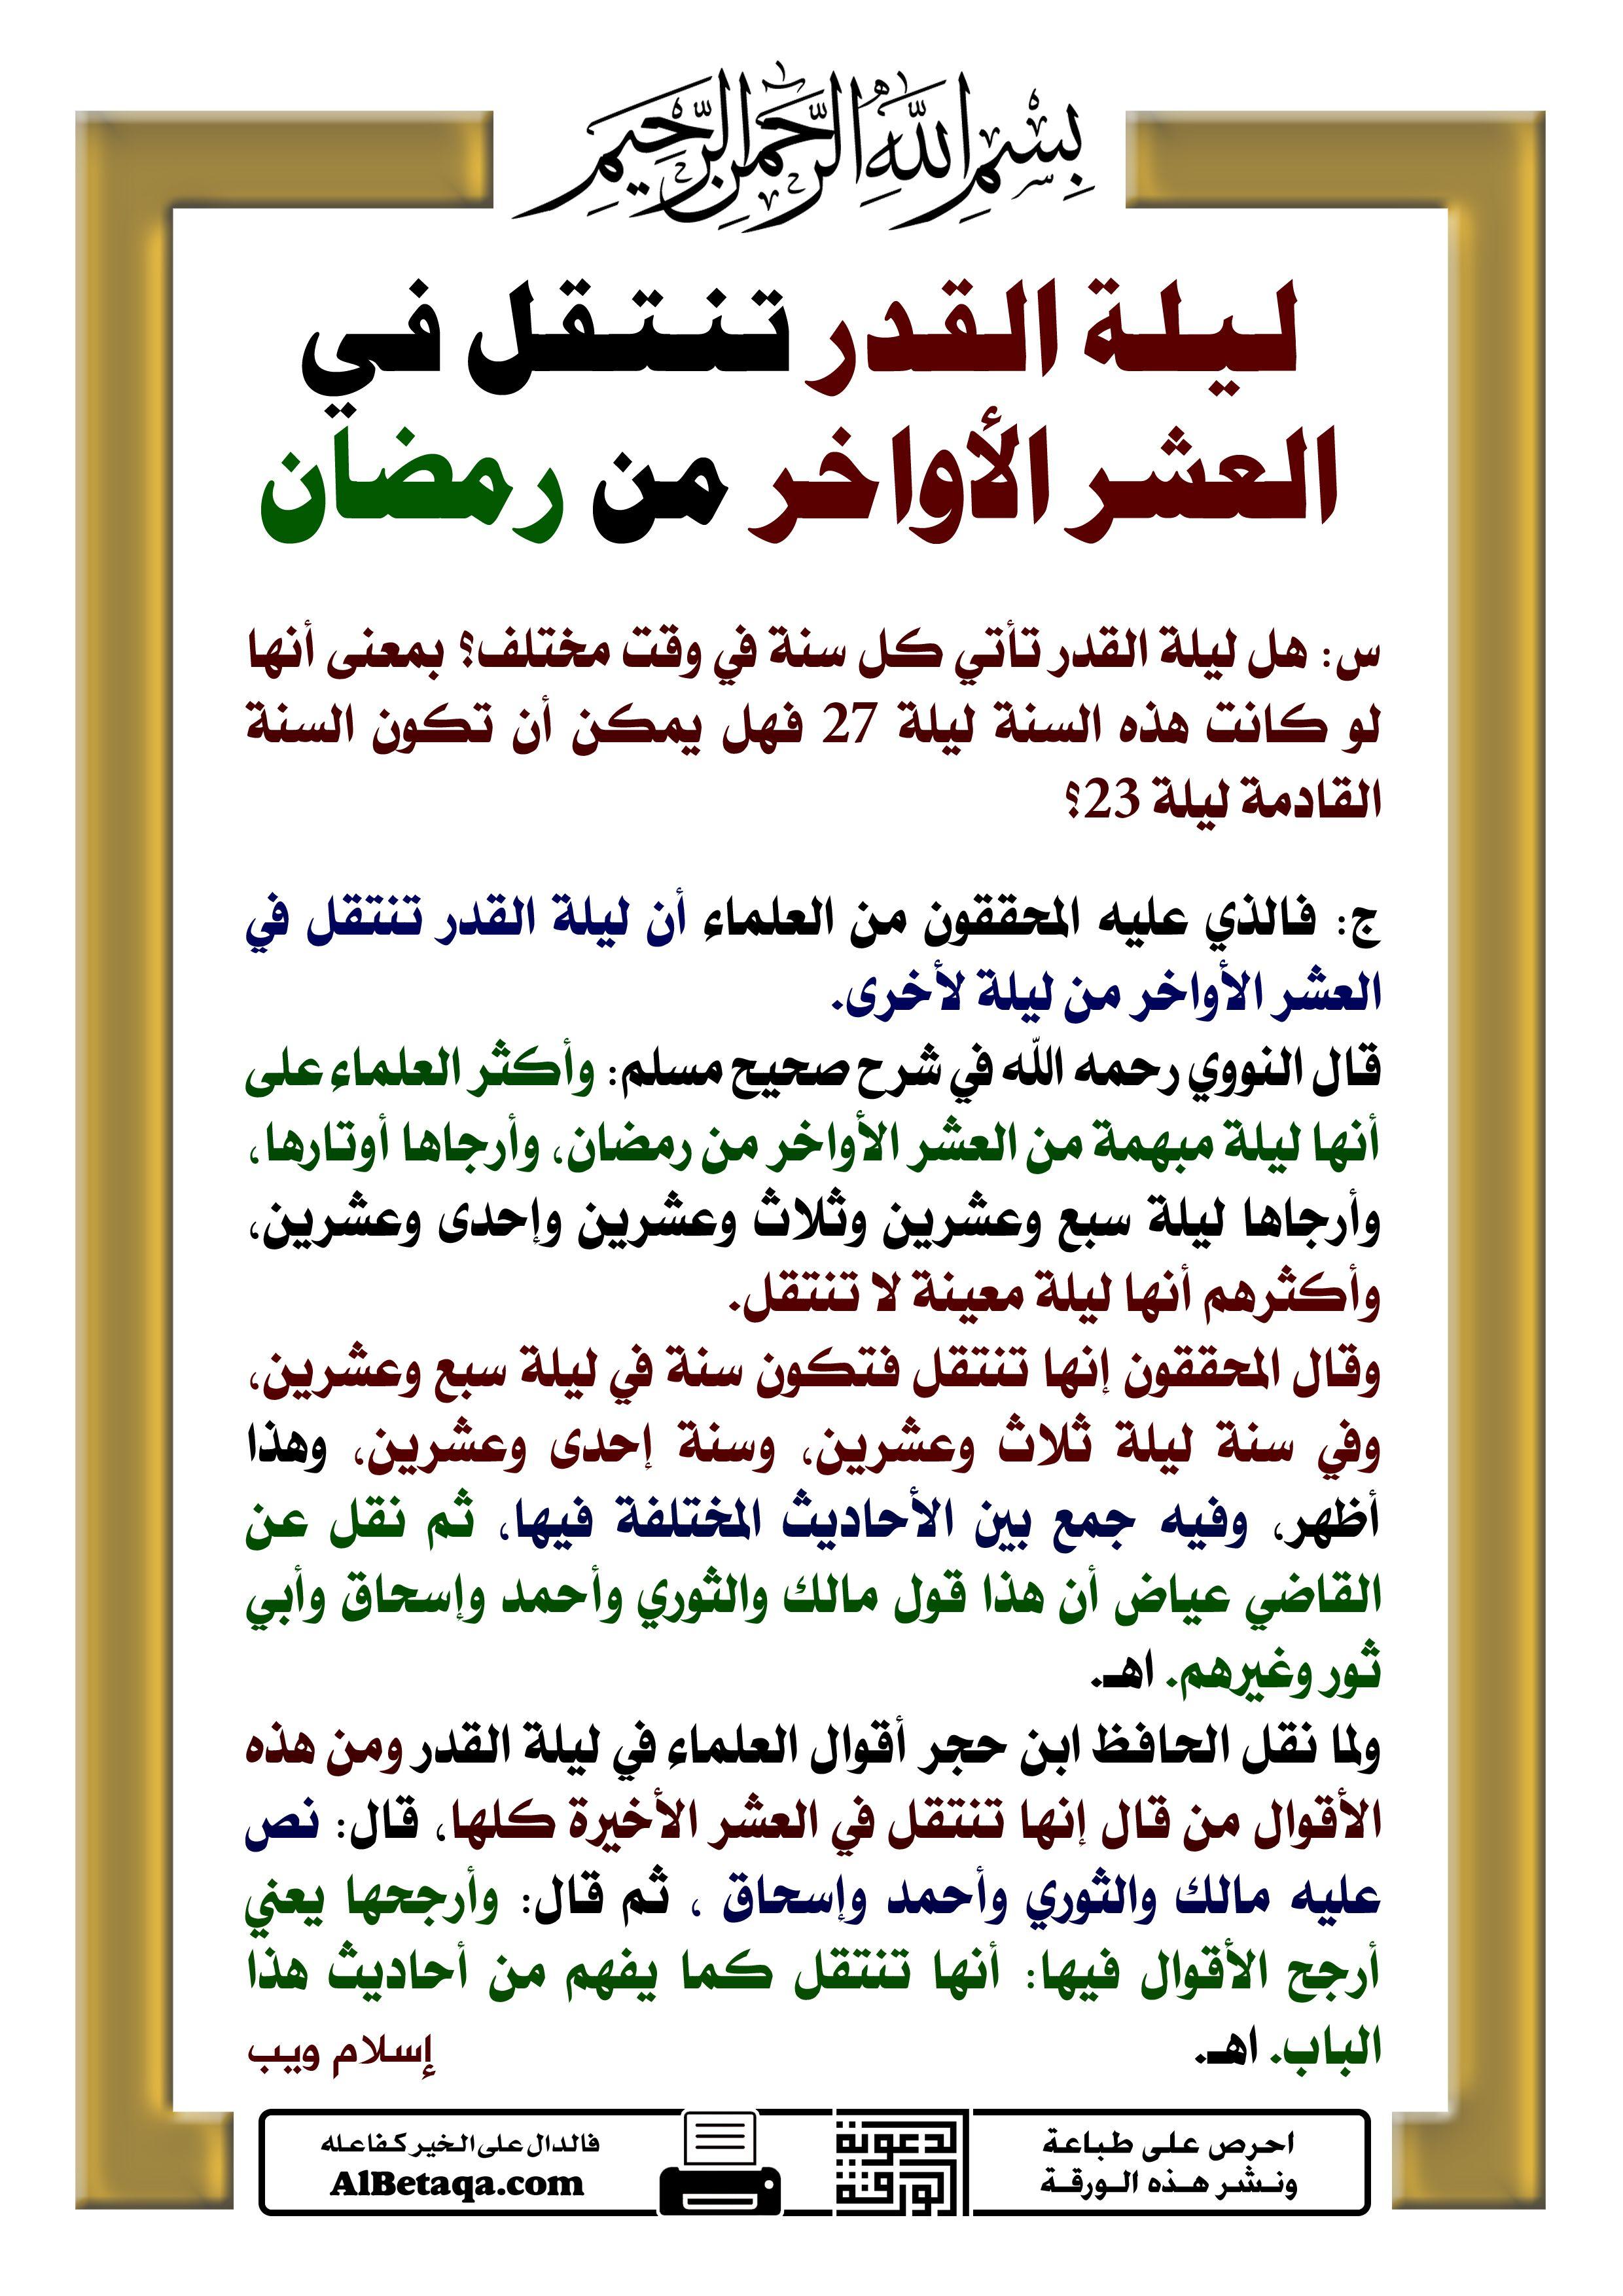 Desertrose رمضان مبارك يارب اجعل أي ام رمضان تفريج ا لهمومنا واستجابة لدعائنا وغفرانا لذنوبنا اللهم بشرنآ بما يس Queen Quotes Islamic Information Ramadan